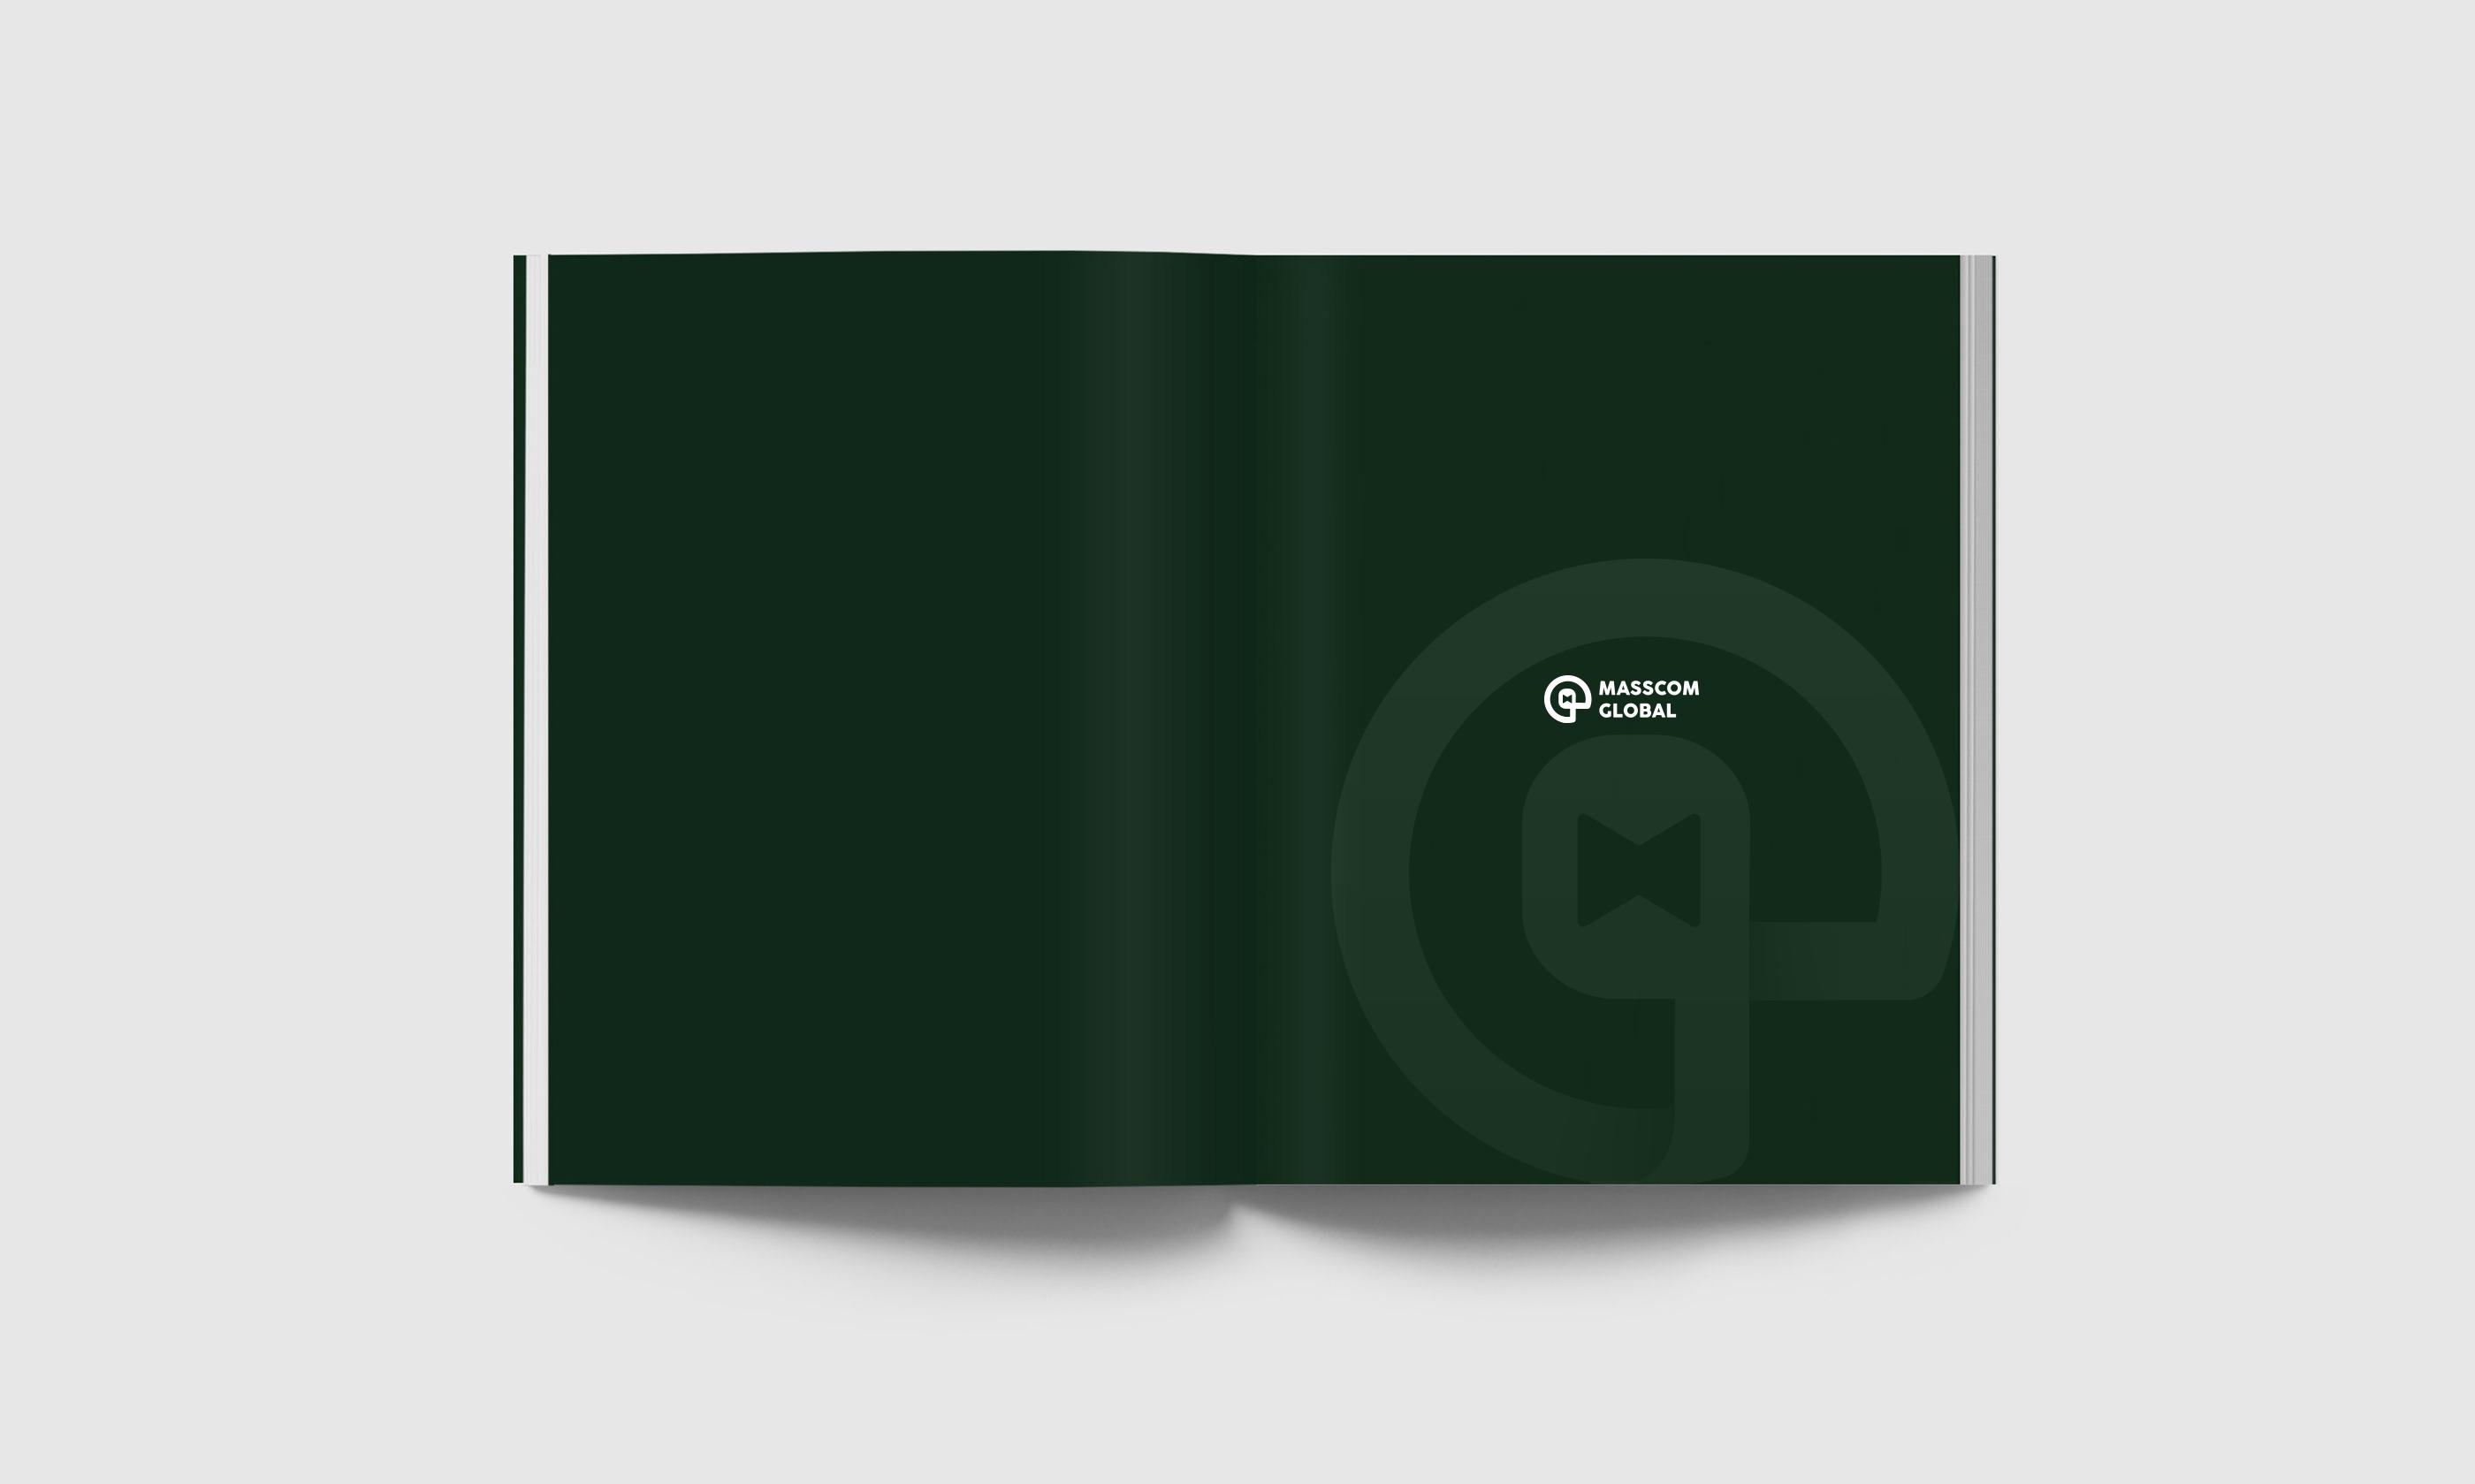 masscom-branding-002